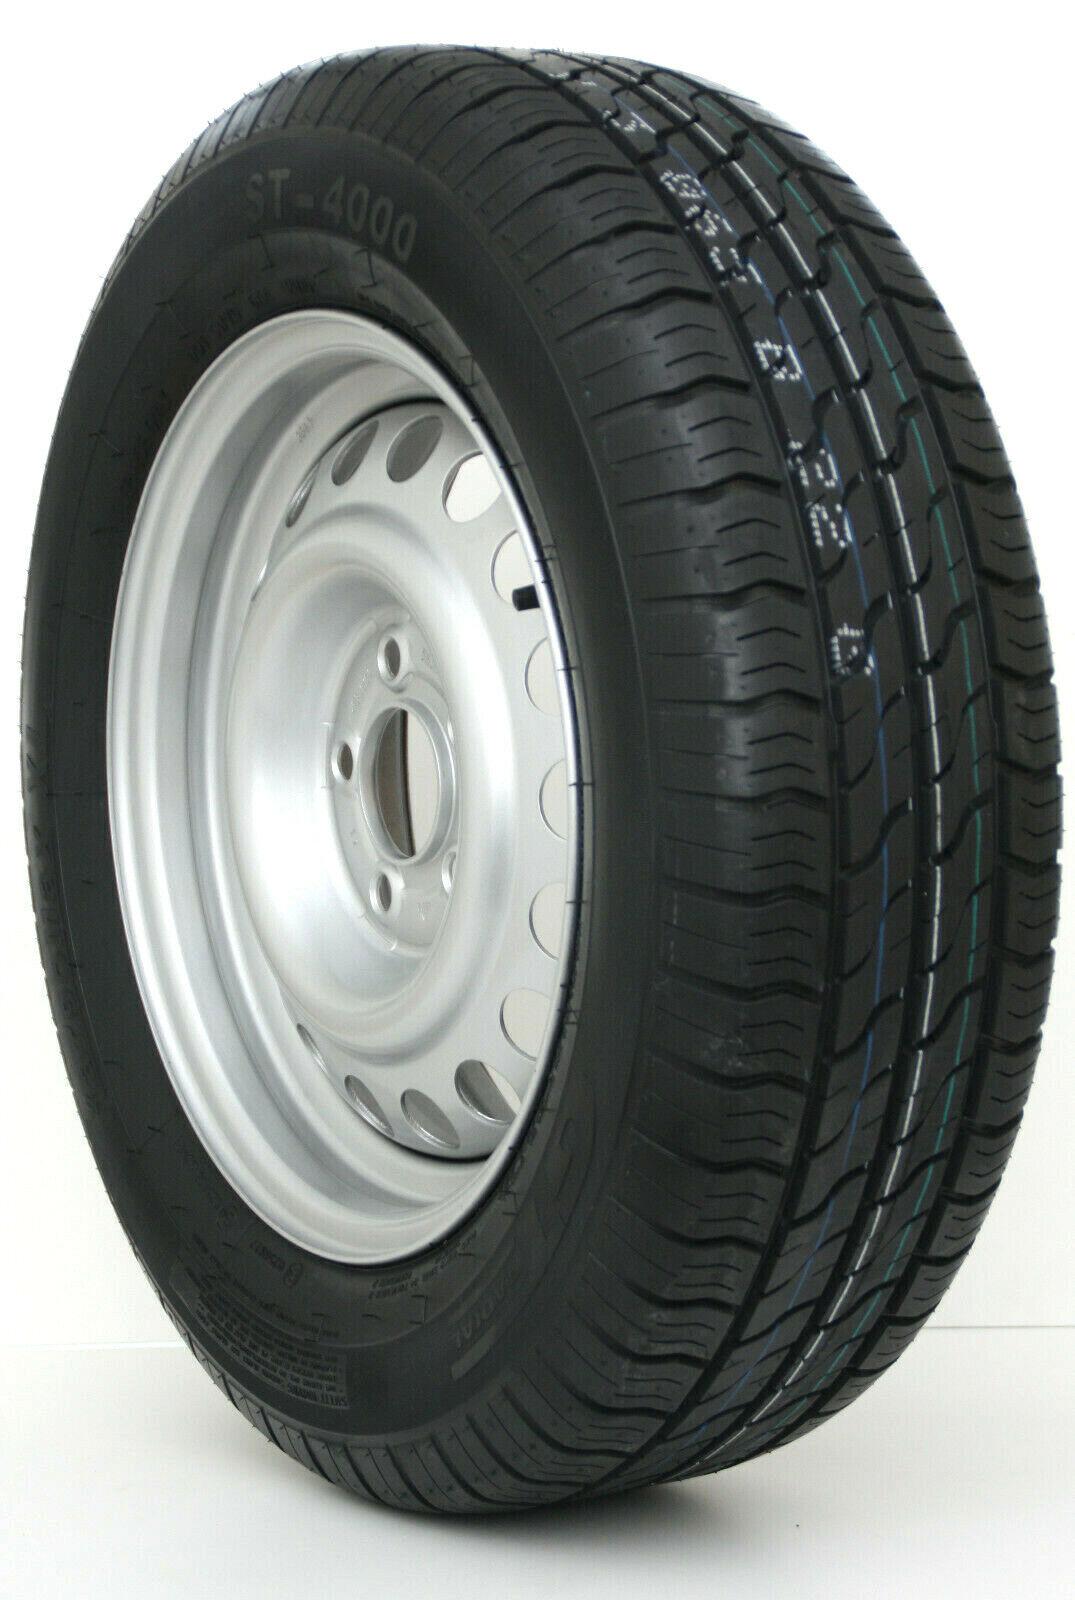 Komplettrad Anh/änger R/äder Reifen 195//65 R15XL 112x5 Rad 15 Wohnwagen Rad 195 65 R 15 XL Wohnanh/änger Reifen